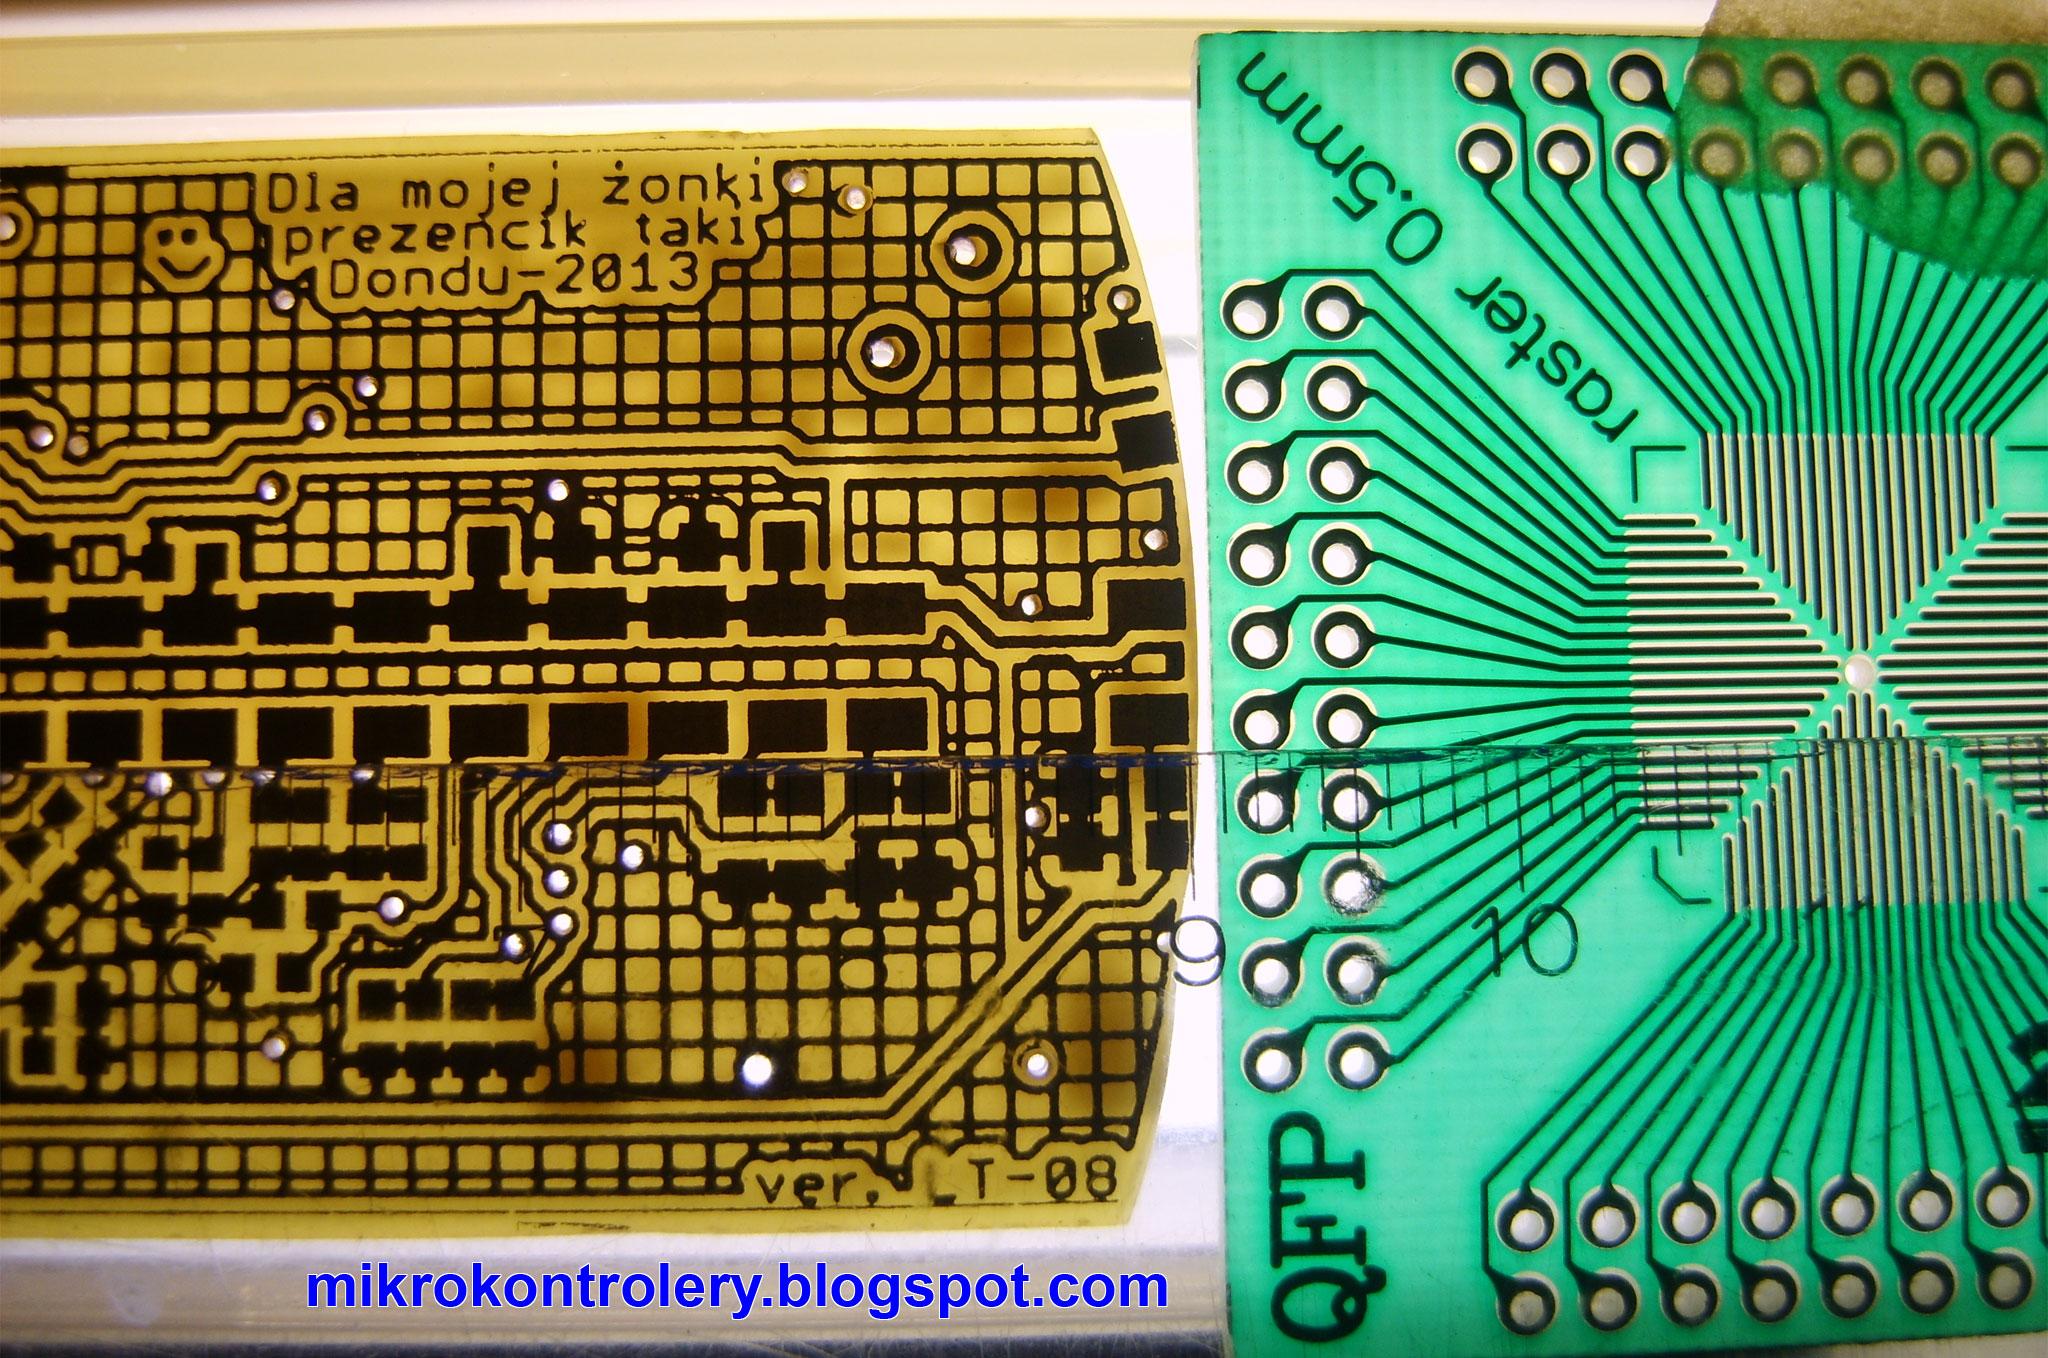 Porównanie płytki PCB wykonanej w warunkach domowych z płytką fabryczną - raster 0,5mm.